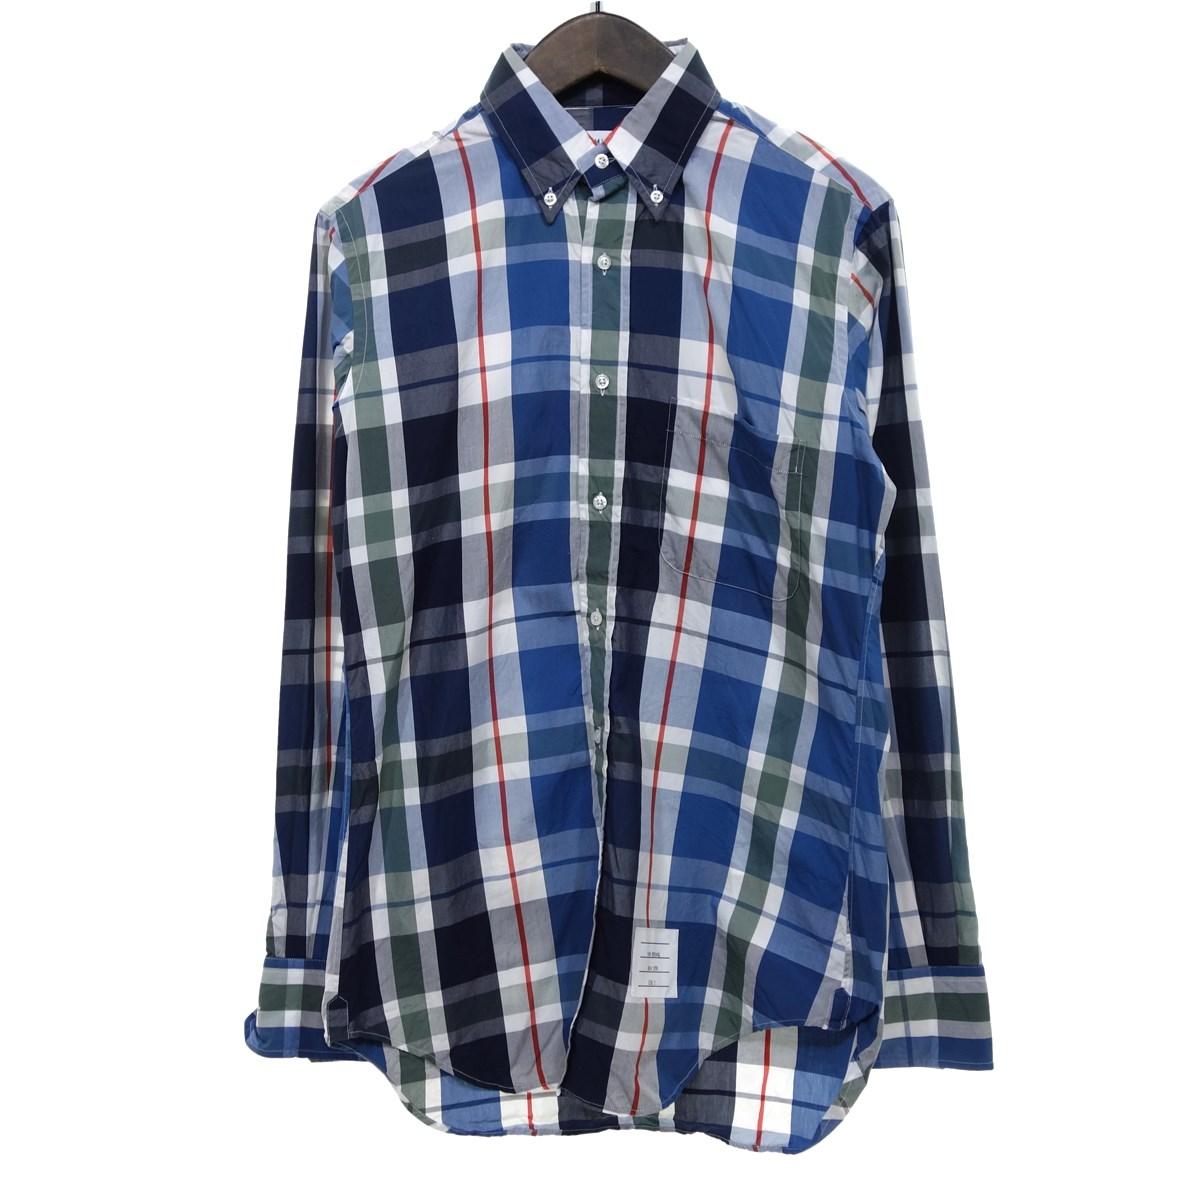 【中古】THOM BROWNE チェック長袖ボタンダウンシャツ マルチカラー サイズ:2 【080420】(トム・ブラウン)